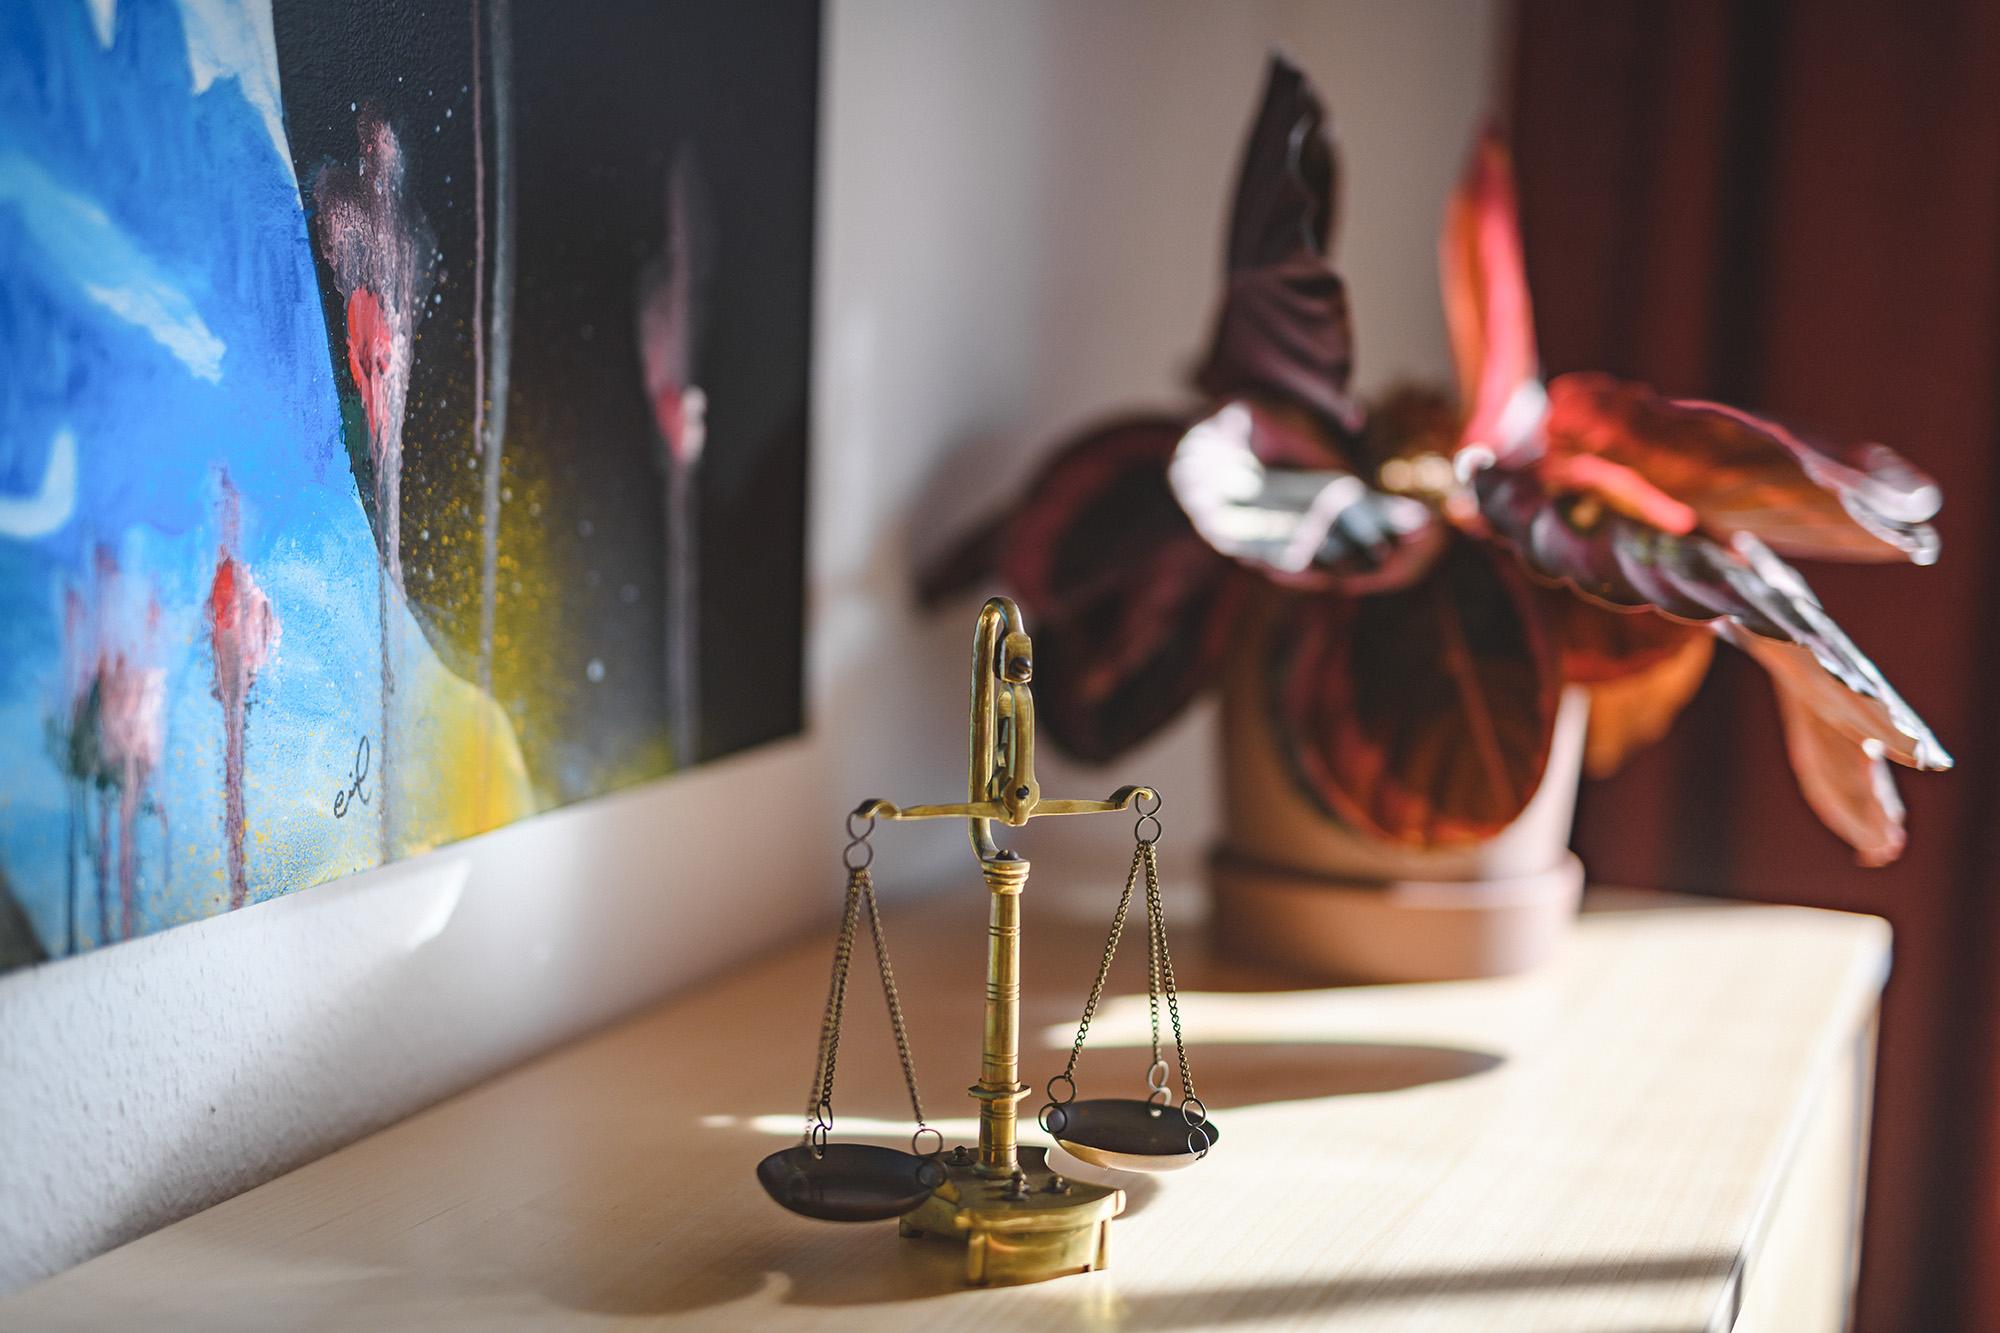 I ett brottmål kan du vara misstänkt eller utsatt för brott